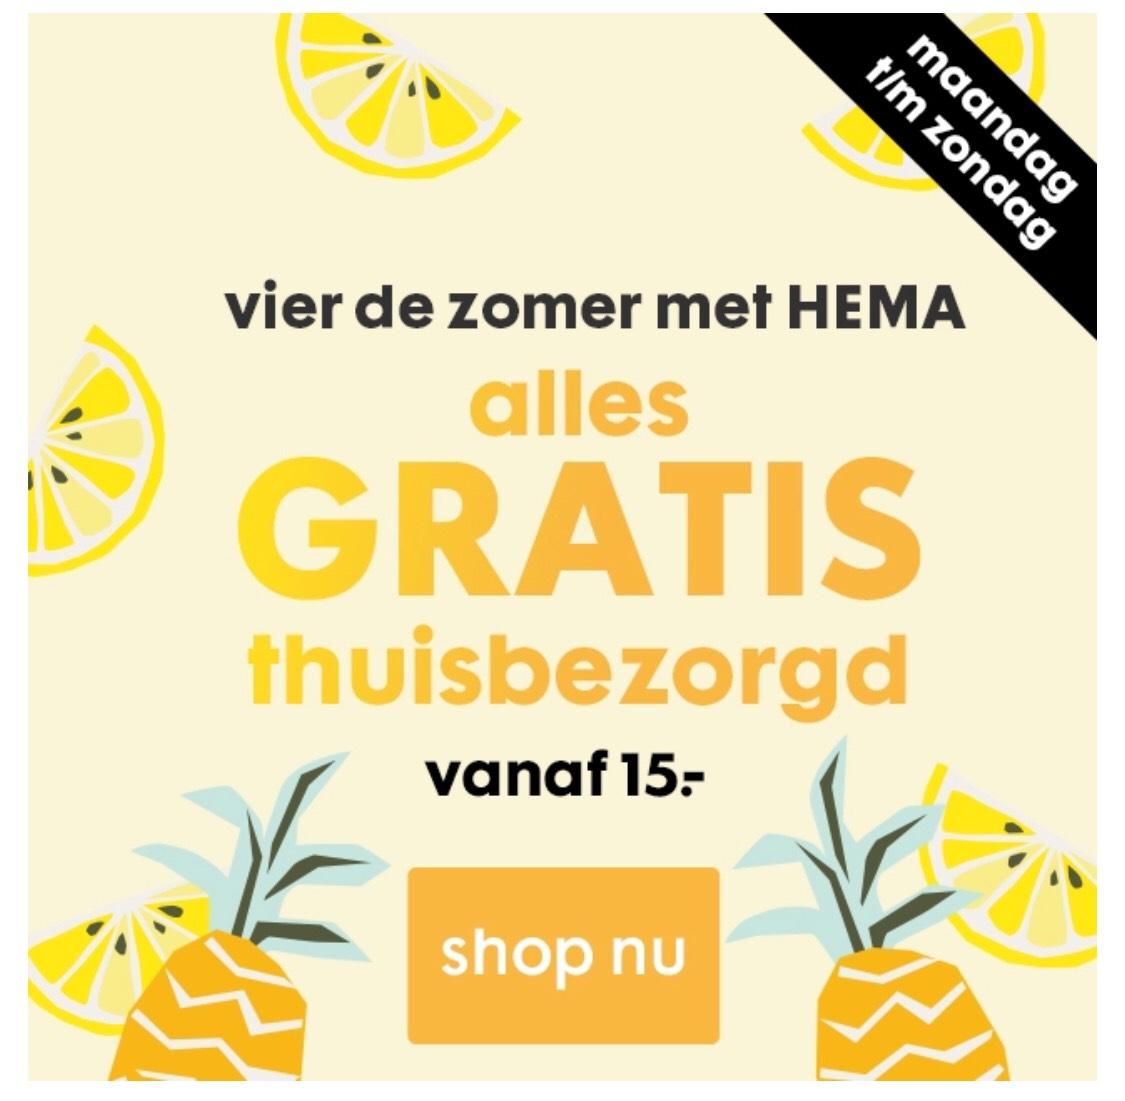 HEMA- Gratis verzenden vanaf 15€